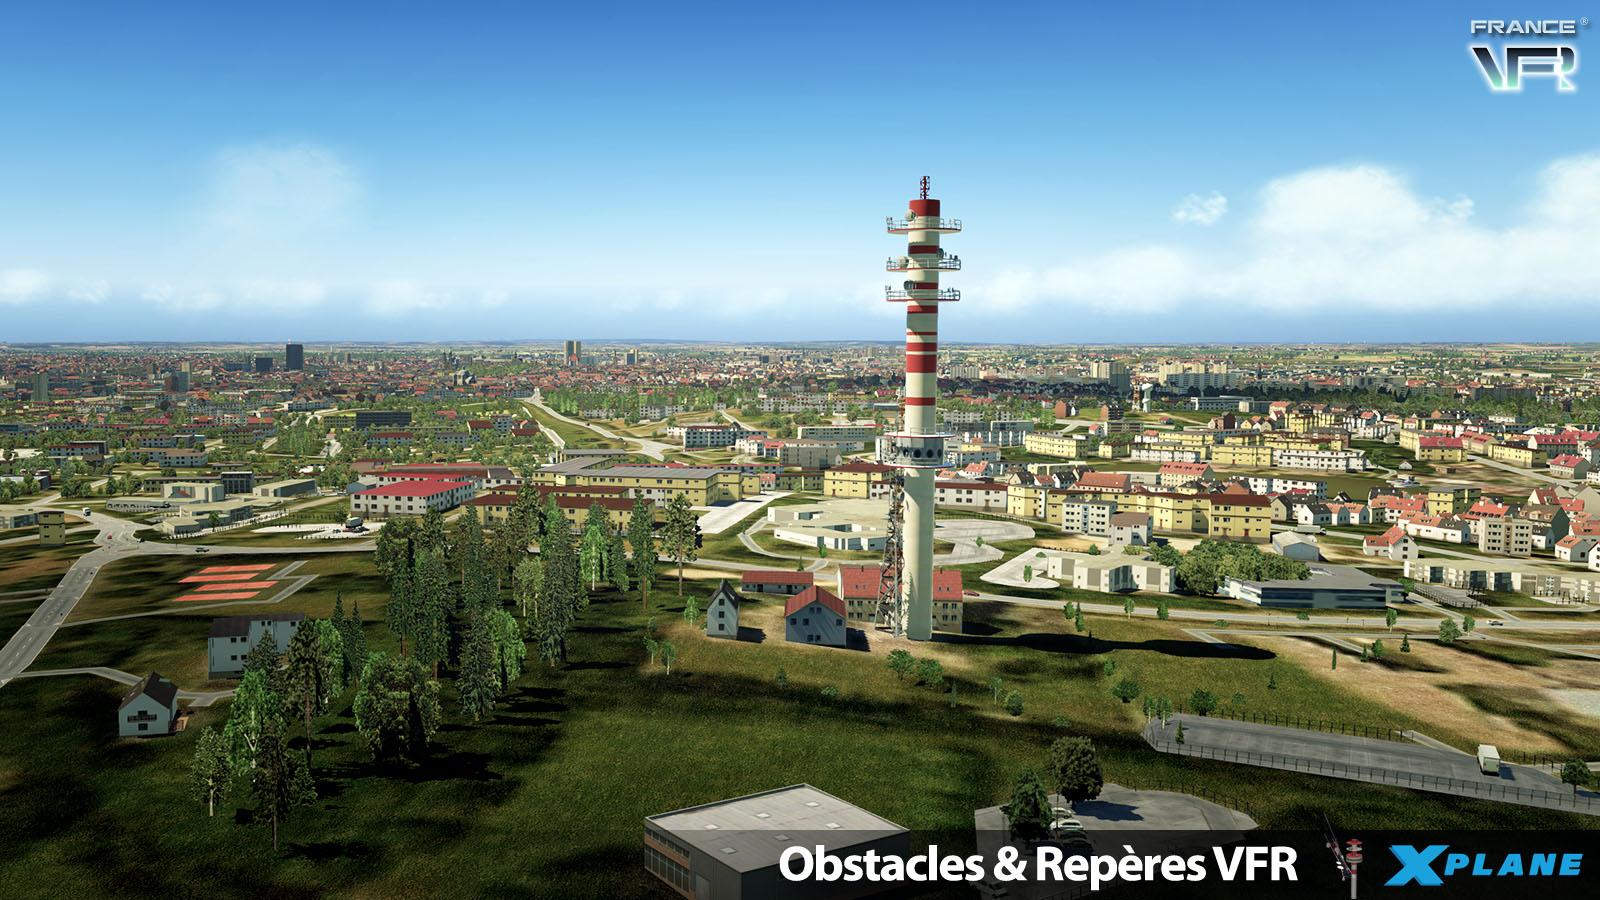 France Vfr Obstacles Vfr Landmarks X Plane 11 (3)